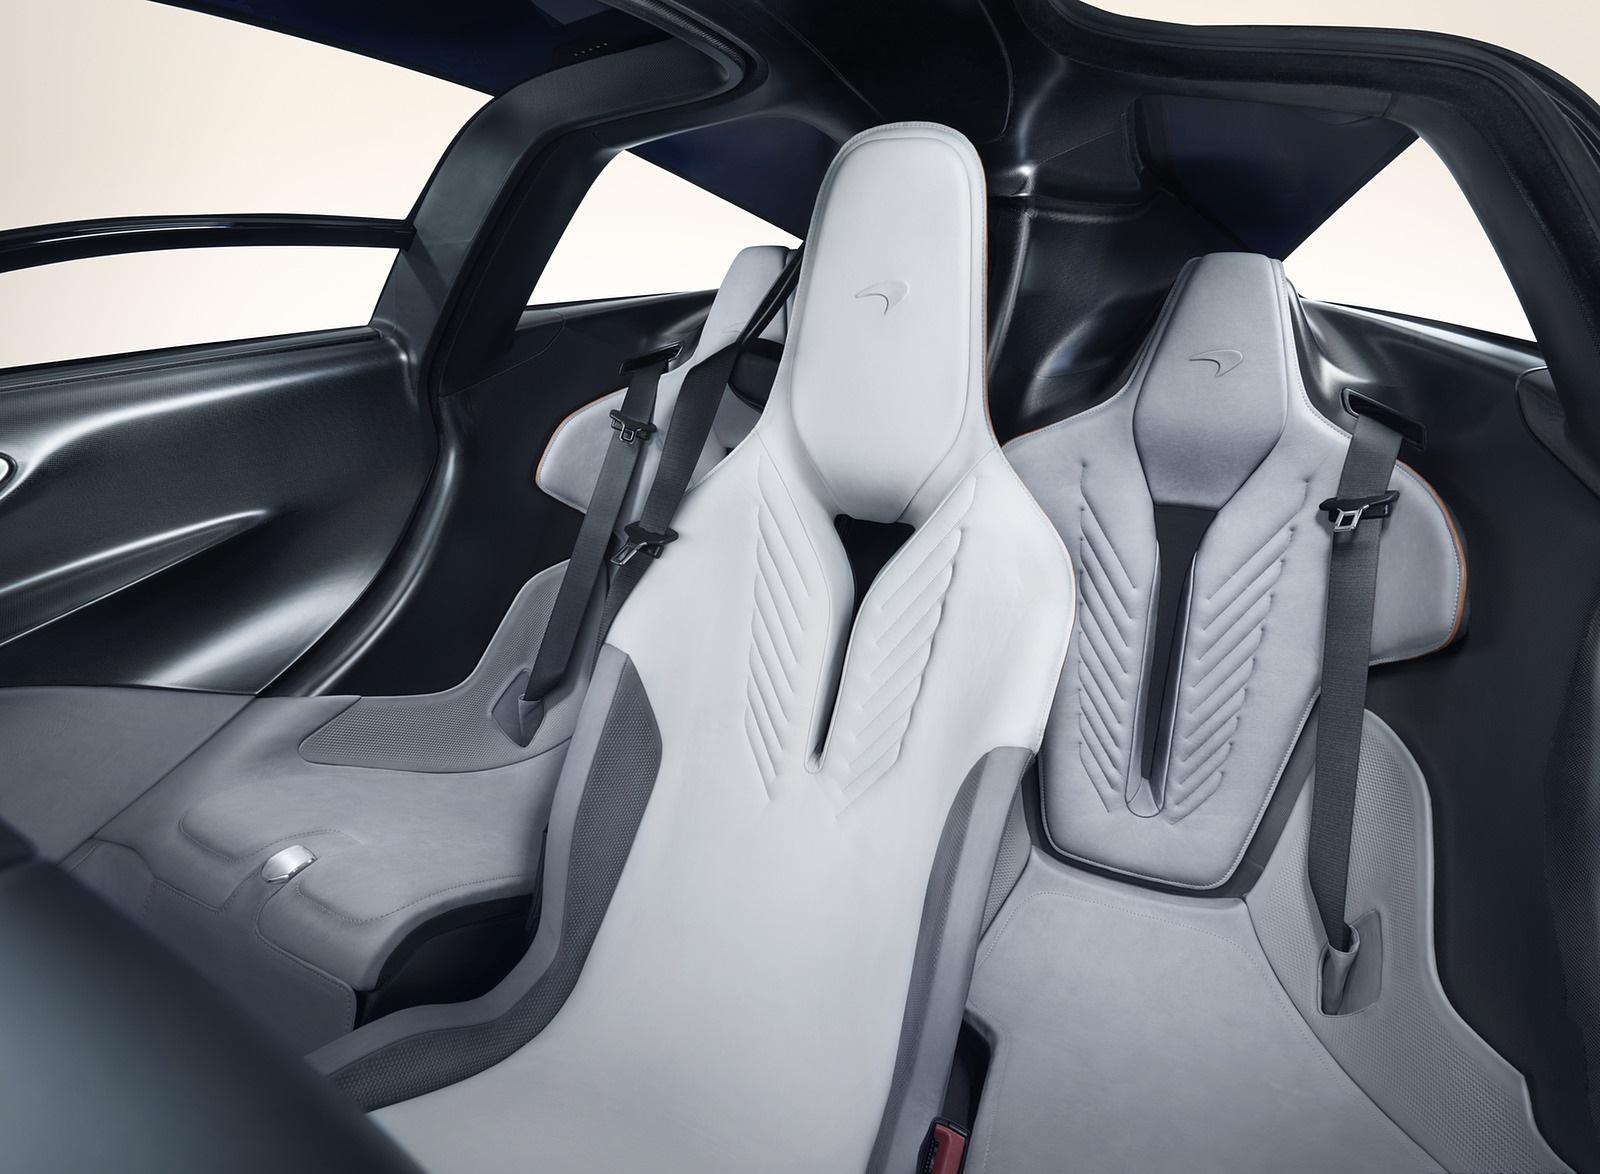 2019 McLaren Speedtail Interior Seats Wallpapers #28 of 39